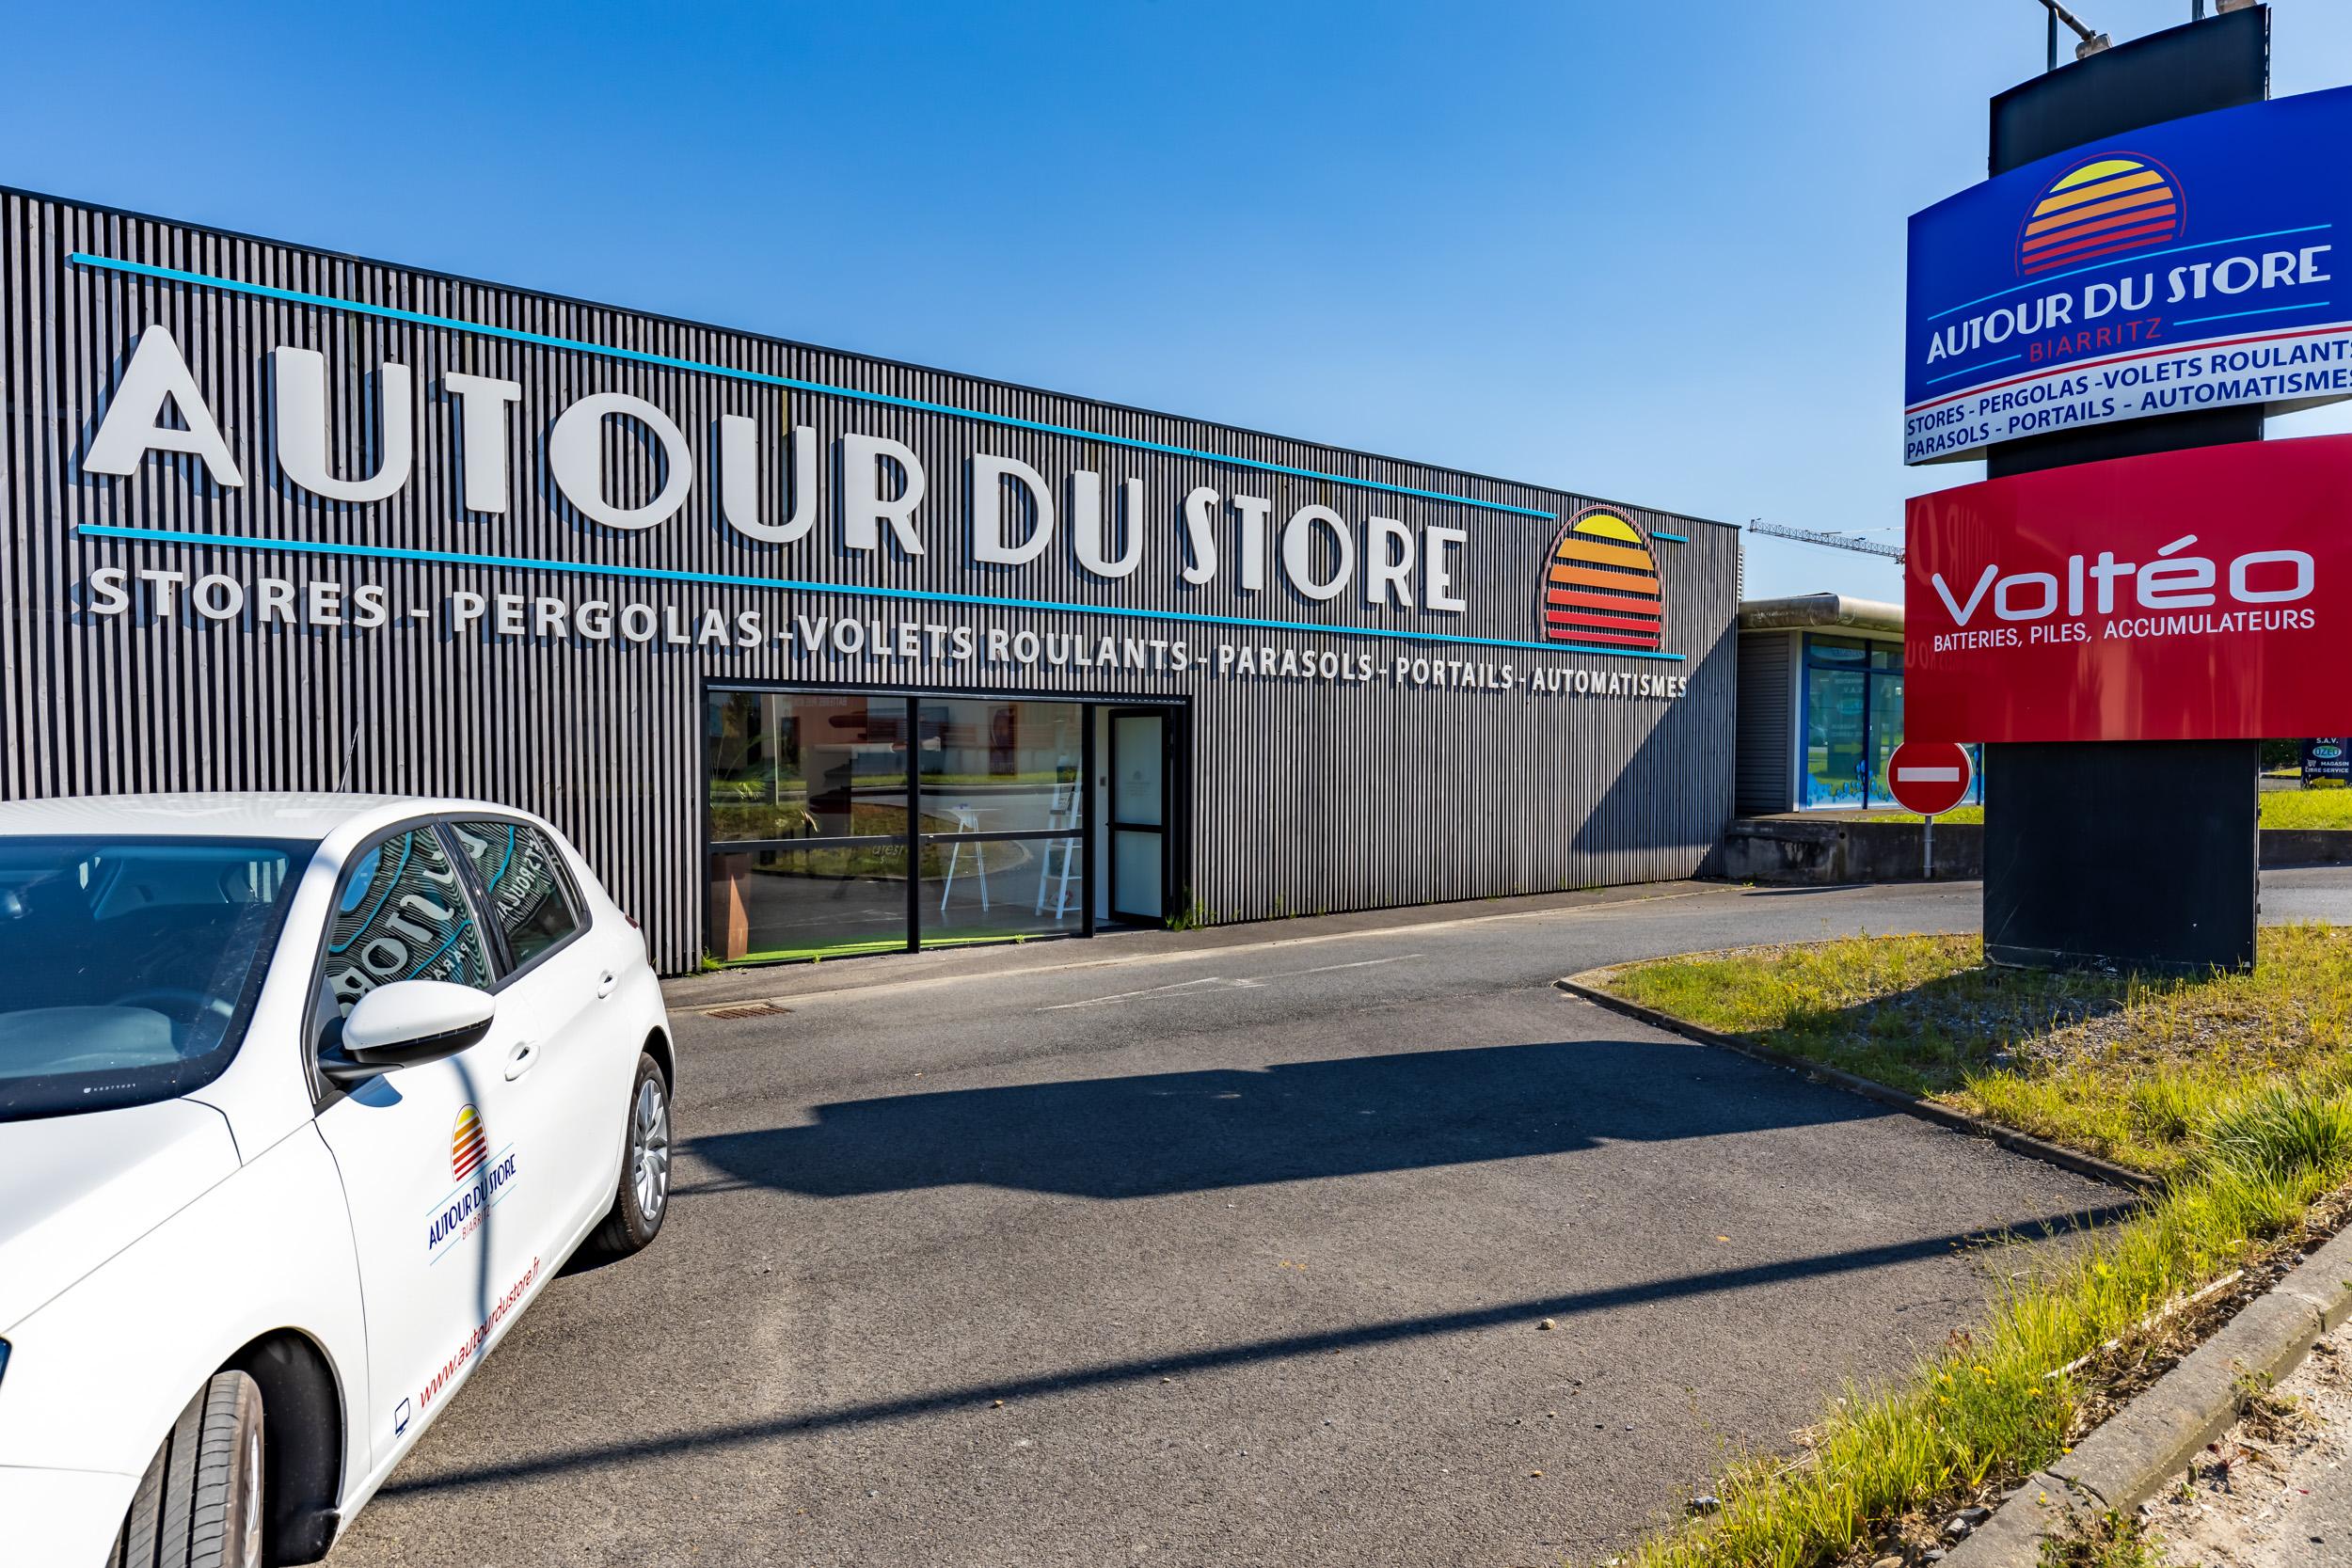 Contact-autour-du-store-anglet